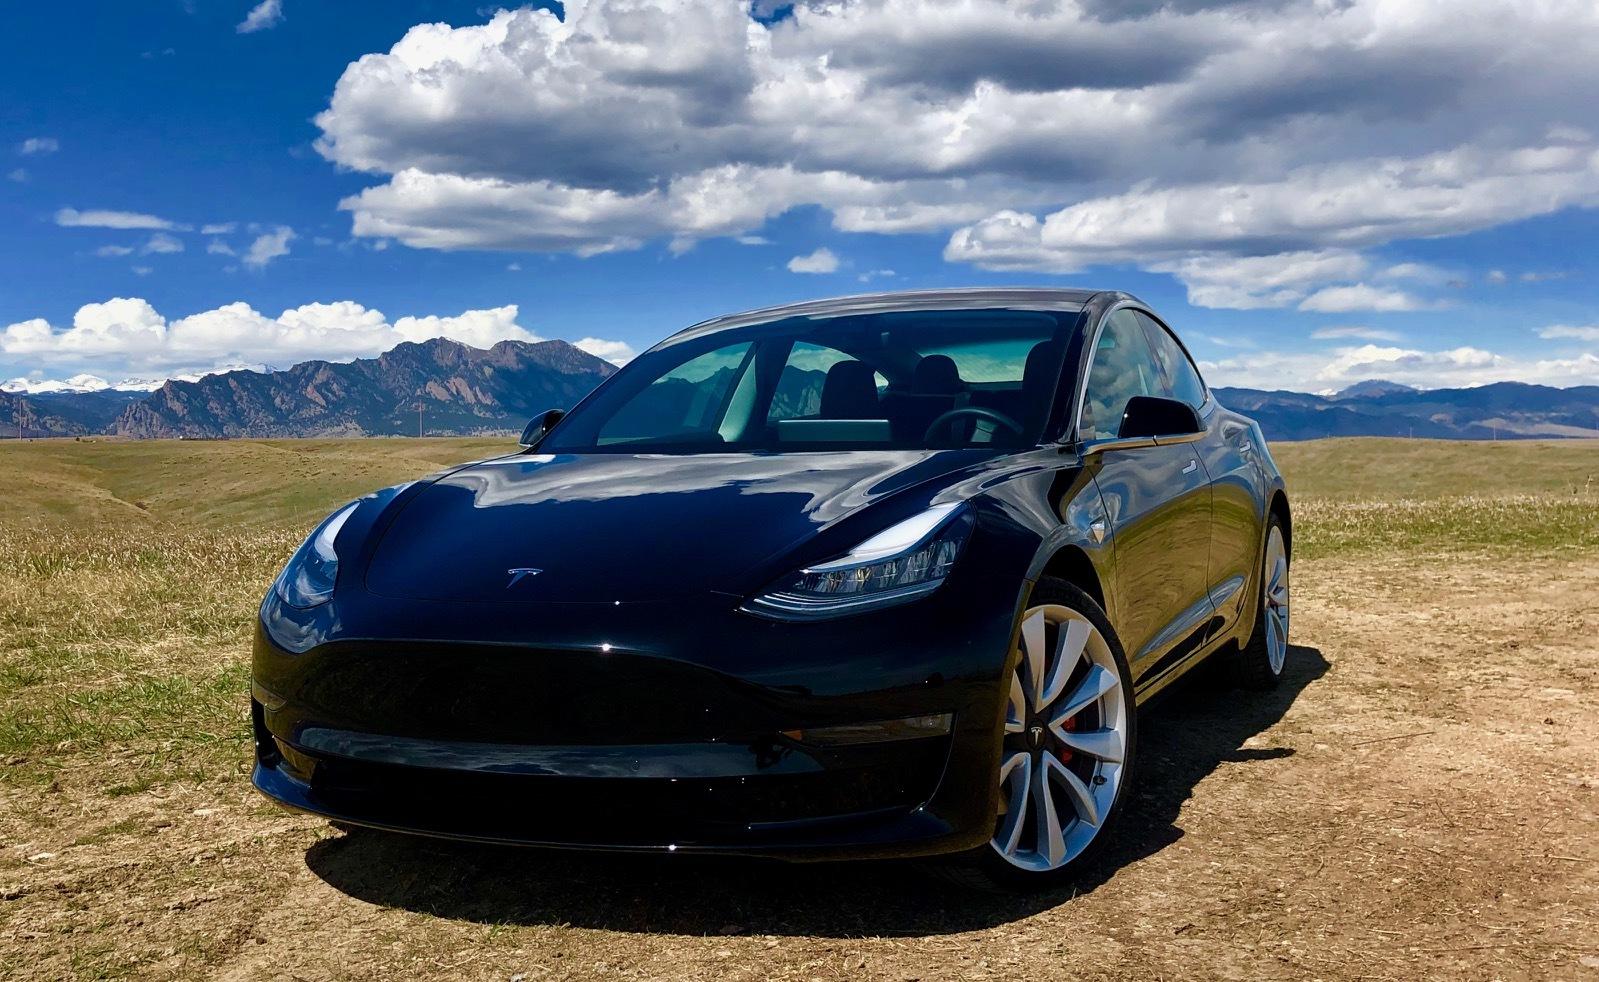 2018 Black Tesla Model 3 Dual Motor Performance Pictures Mods Upgrades Wallpaper Dragtimes Com